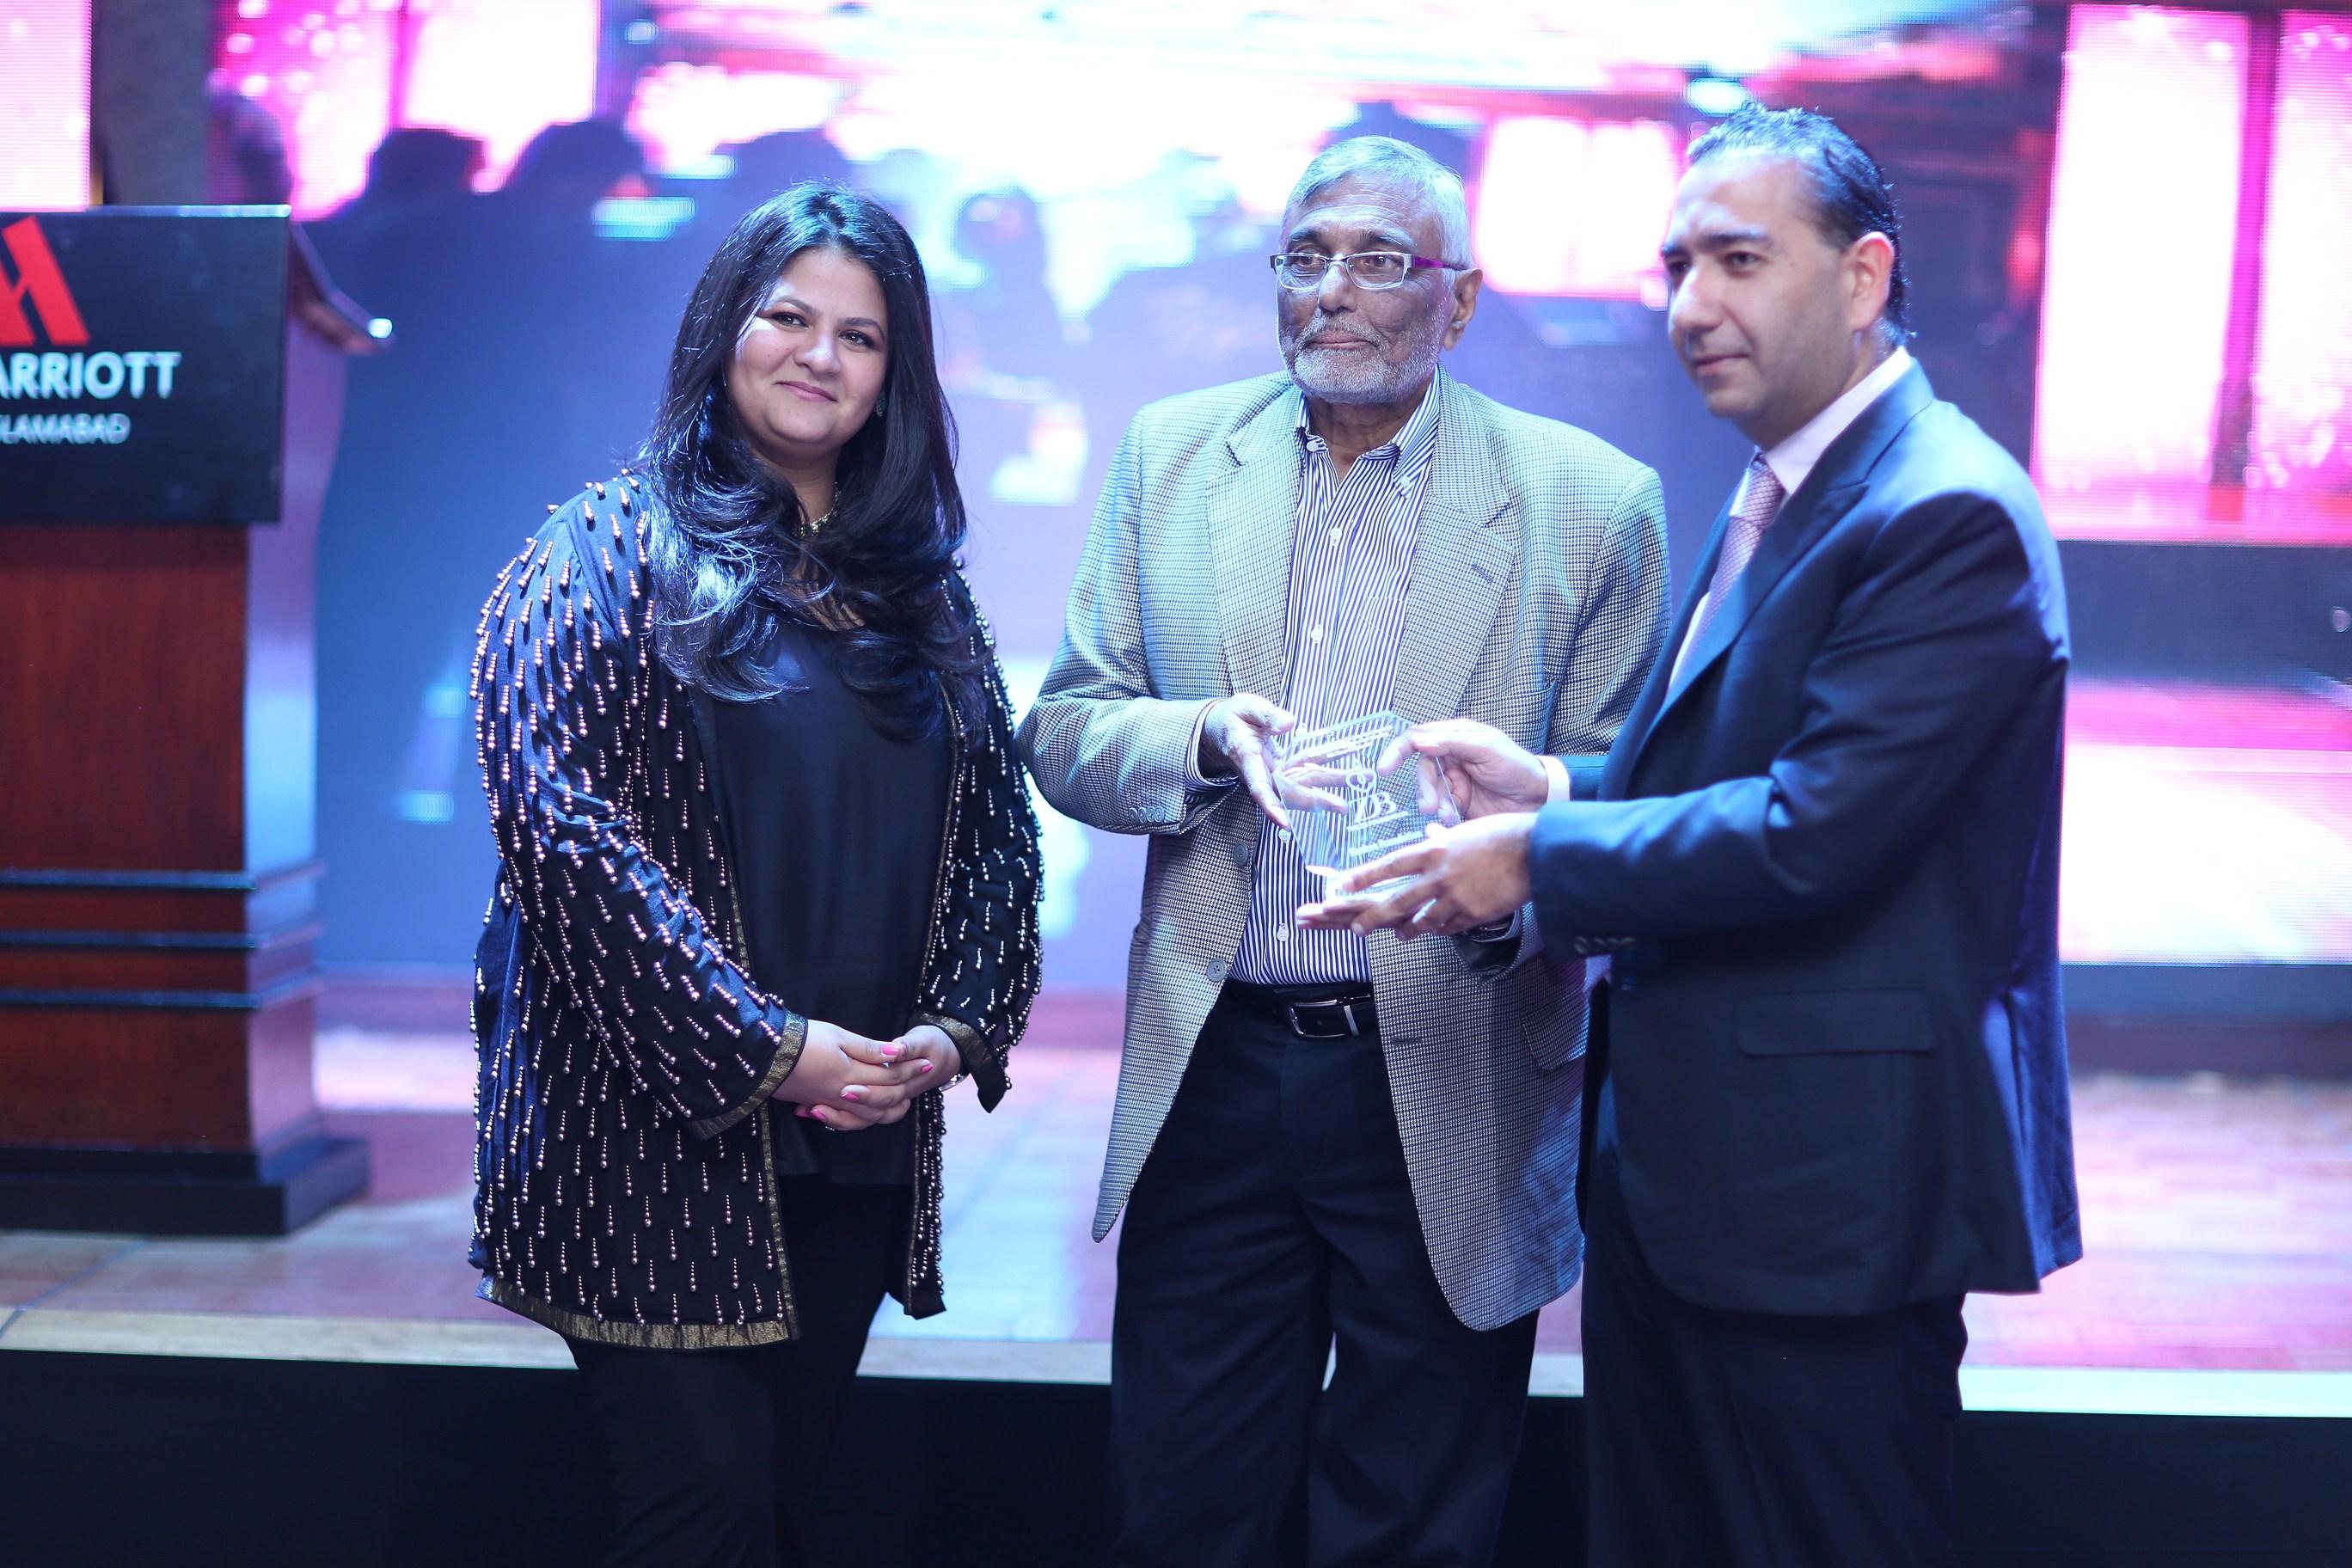 Sumeriah Hashwani, Chairman of The ZB Foundation Mr Ali Javed Naqvi and Mr Murtaza Hashwani